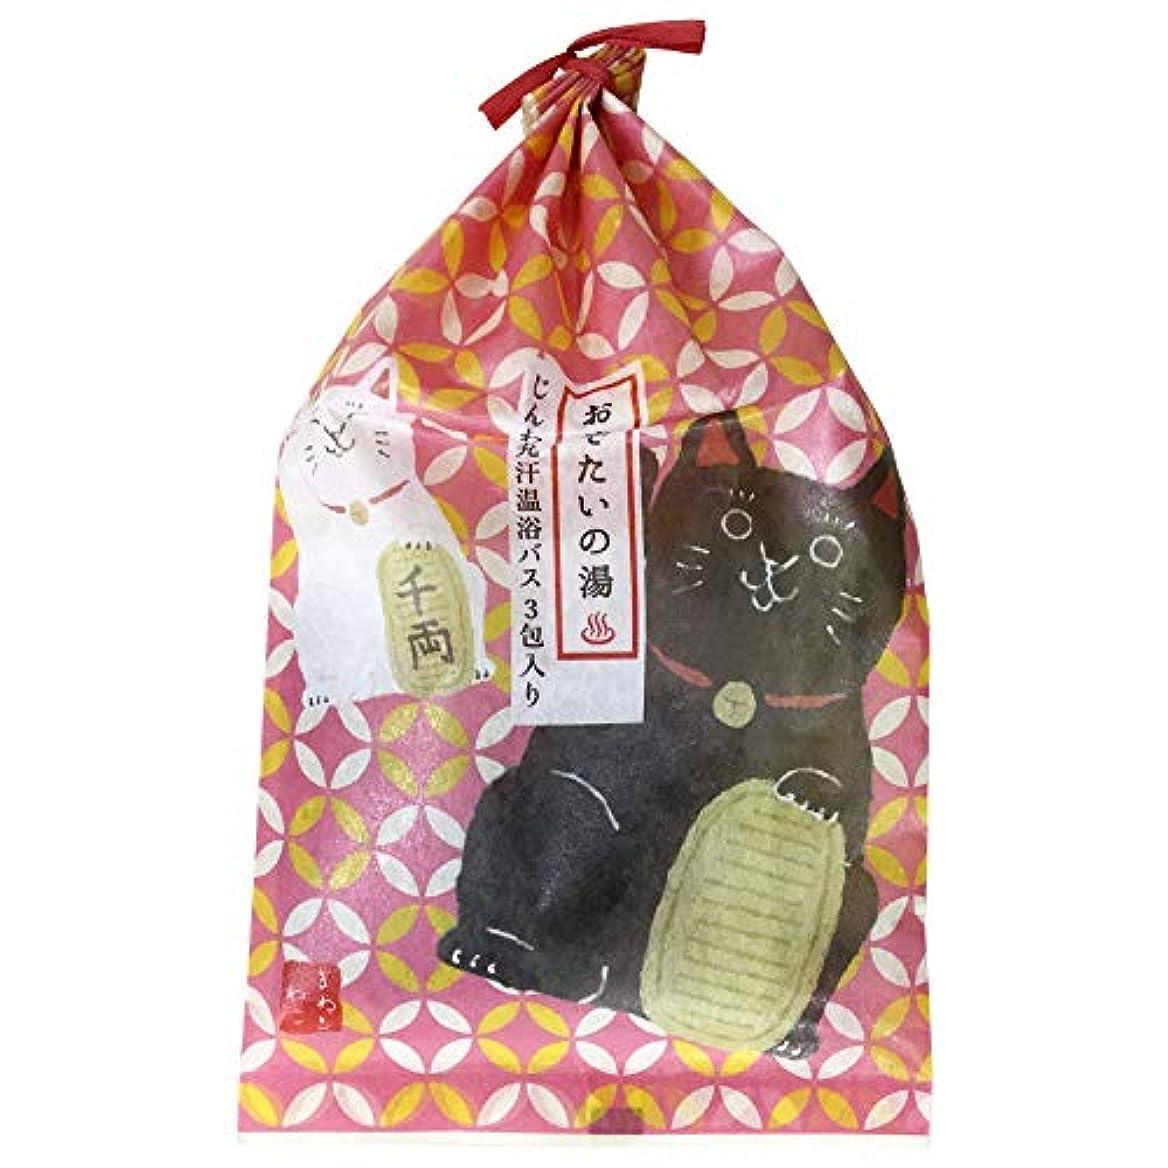 予測増強する結果として【招き猫(60789)】 チャーリー おめでたいの湯 バスバッグ3包入り 日本製